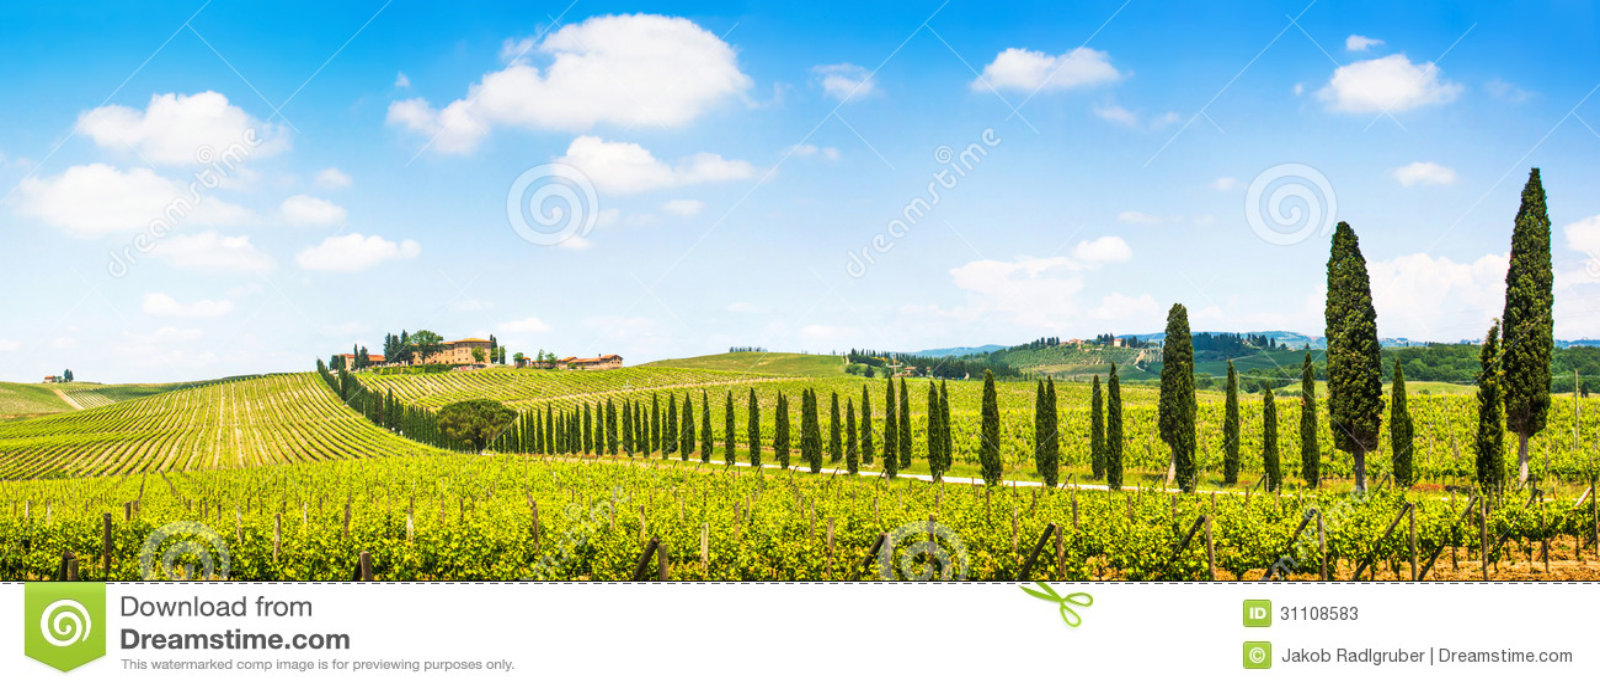 Πανοραμική άποψη του φυσικού τοπίου της Τοσκάνης με τον αμπελώνα στην περιοχή Chianti, της Τοσκάνης, Ιταλία